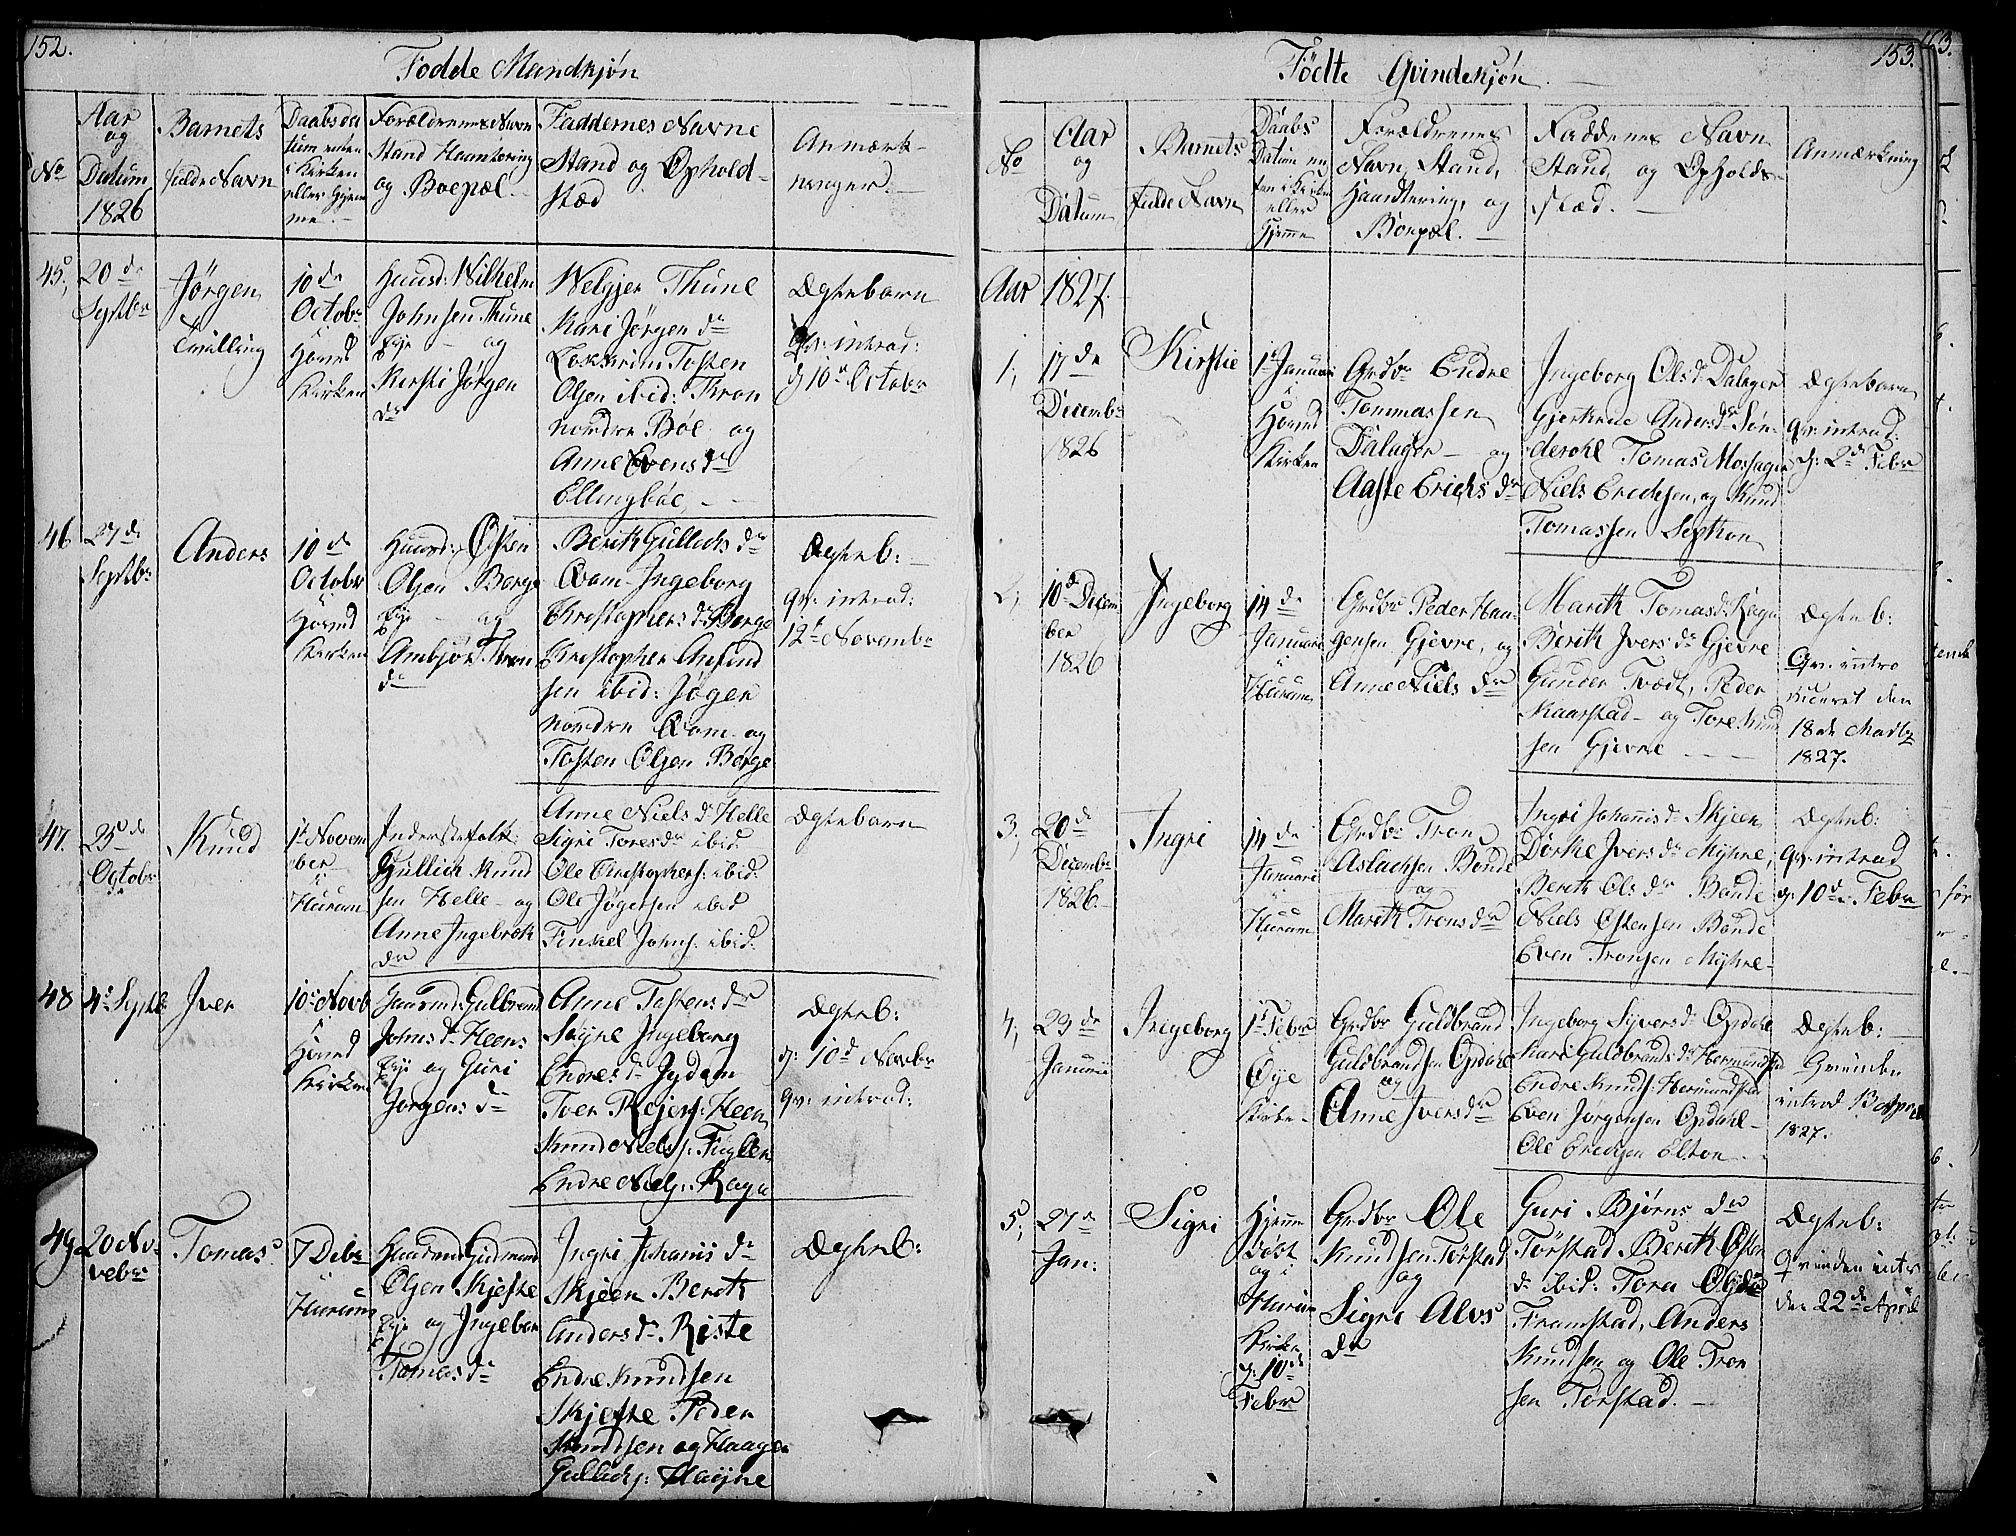 SAH, Vang prestekontor, Valdres, Ministerialbok nr. 3, 1809-1831, s. 152-153